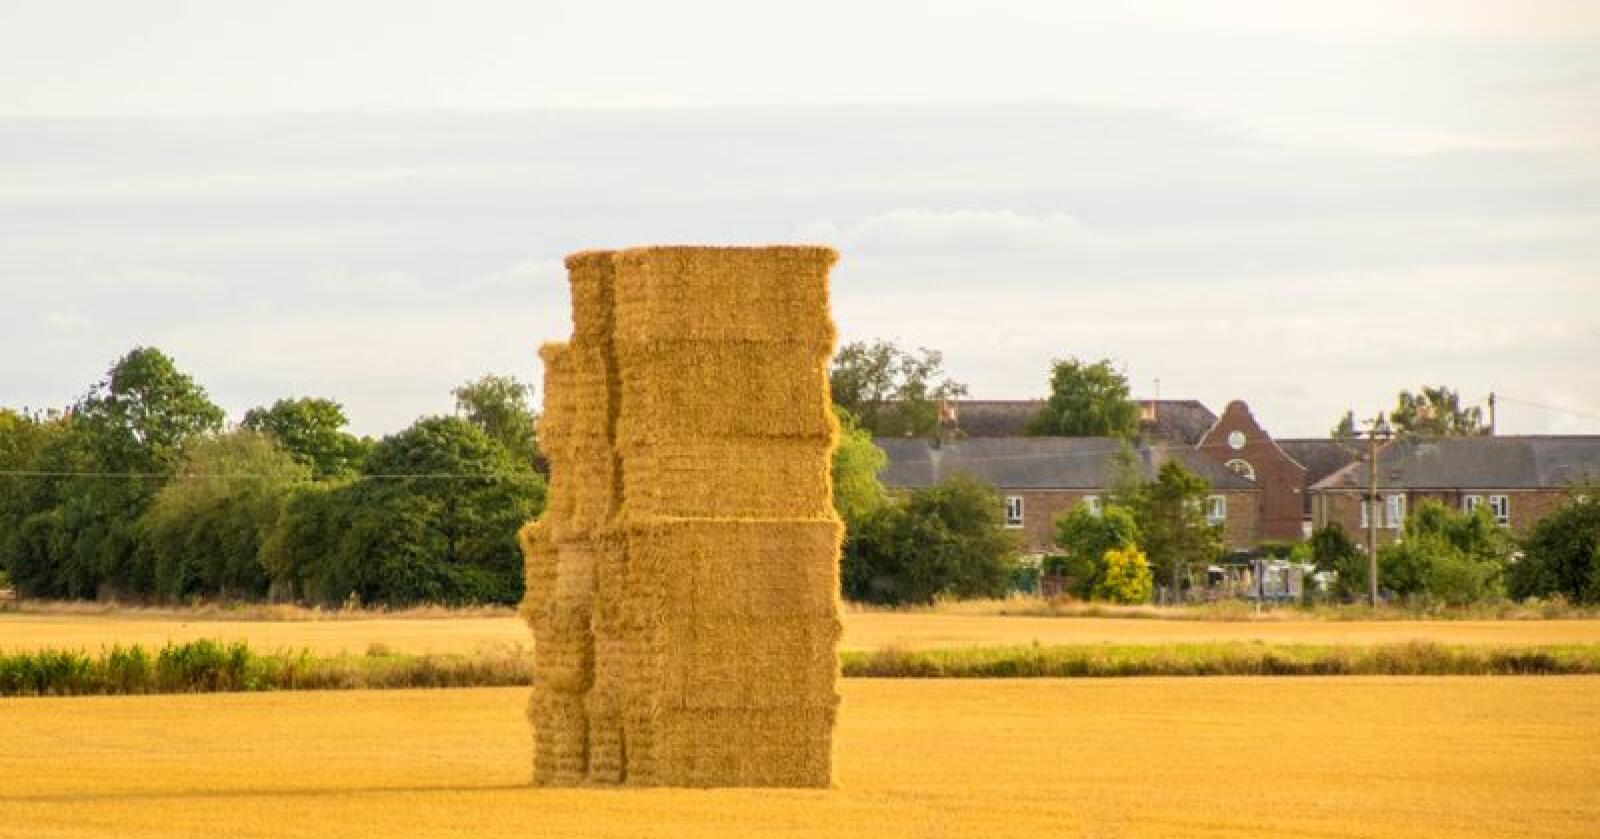 Nytt: – Etter nesten 50 år der vi har vært bundne til EU-regler som er utdaterte og som har vært en byrde, har vi nå muligheten til å skape en grønn Brexit, sier Michael Gove, miljø-, mat- og distriktsminister. (Foto: Andy Norris /Mostphotos)